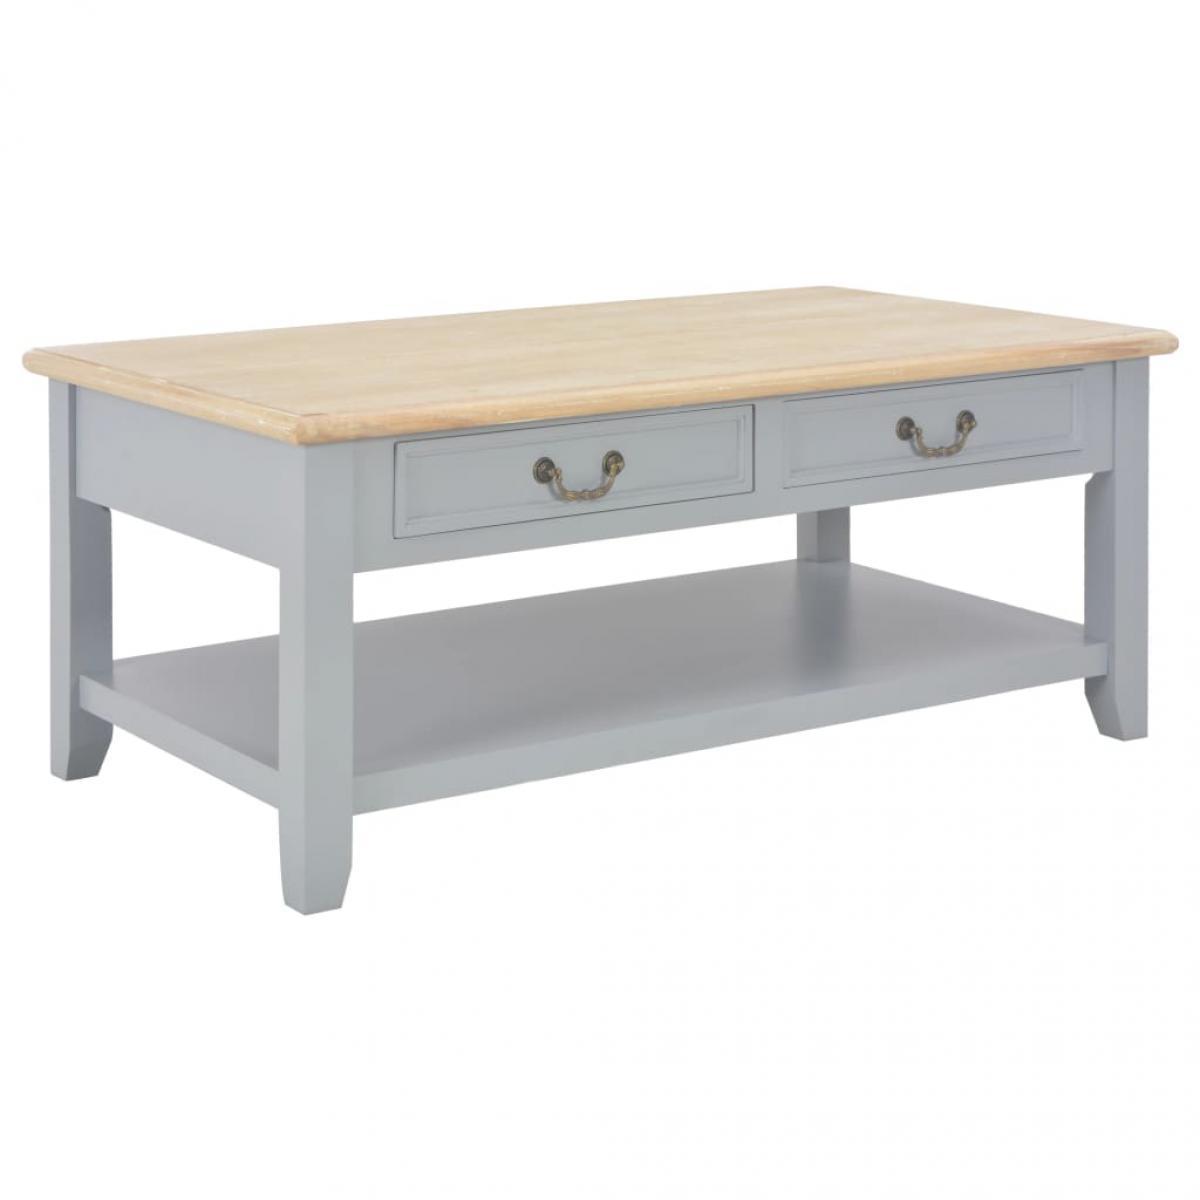 Chunhelife Table basse Gris 100 x 55 x 40 cm Bois